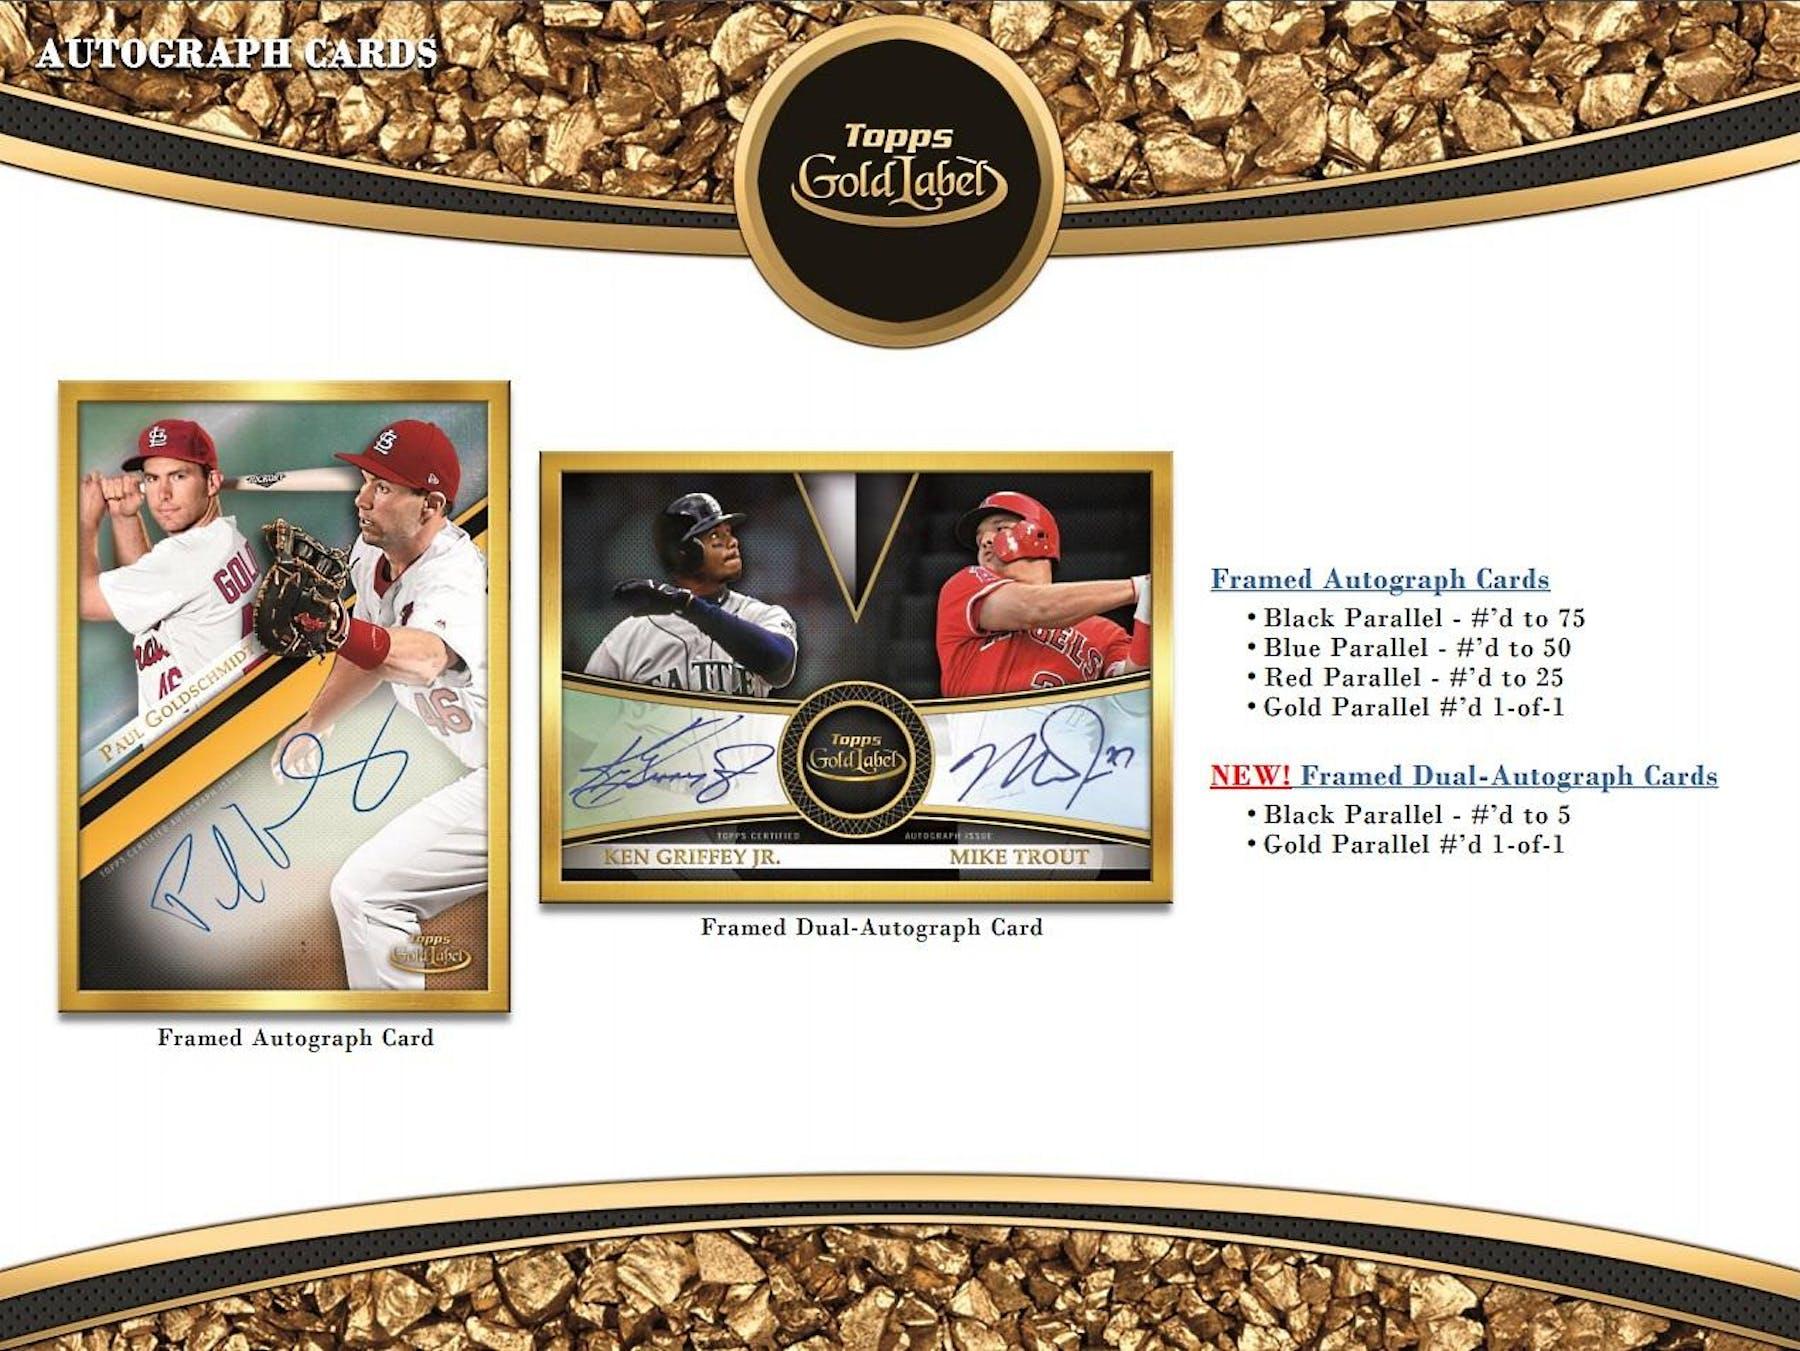 2019 Topps Gold Label Baseball Hobby Box